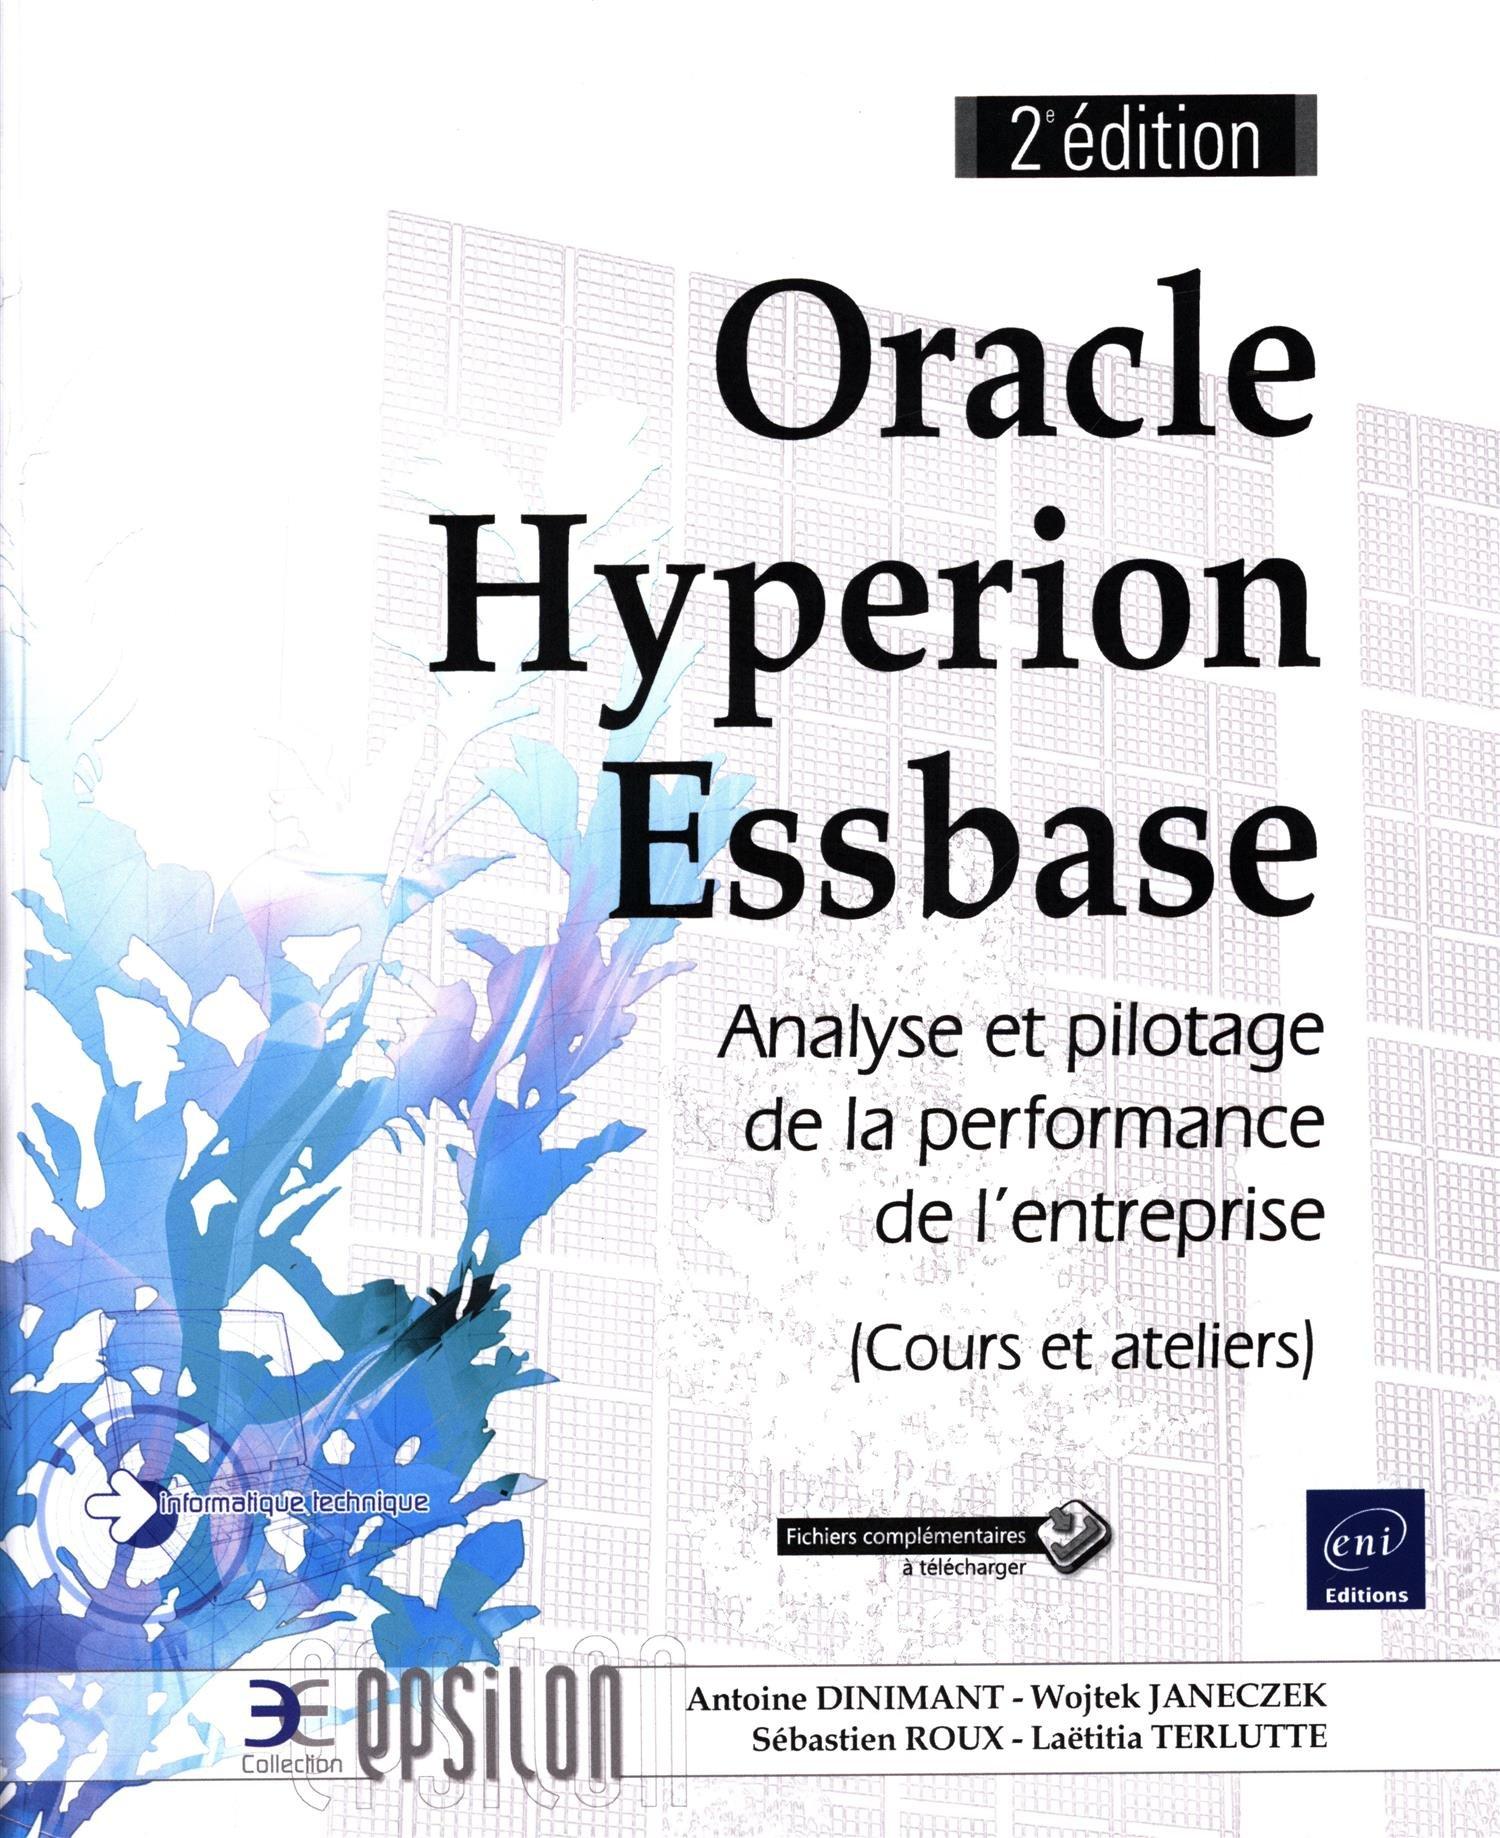 Oracle Hyperion Essbase - Maîtrisez l'univers de l'analyse et du pilotage de la performance (Cours et Ateliers) (2e édition) Broché – 12 octobre 2016 Wojtek JANECZEK Antoine DINIMANT Editions ENI 2409000320